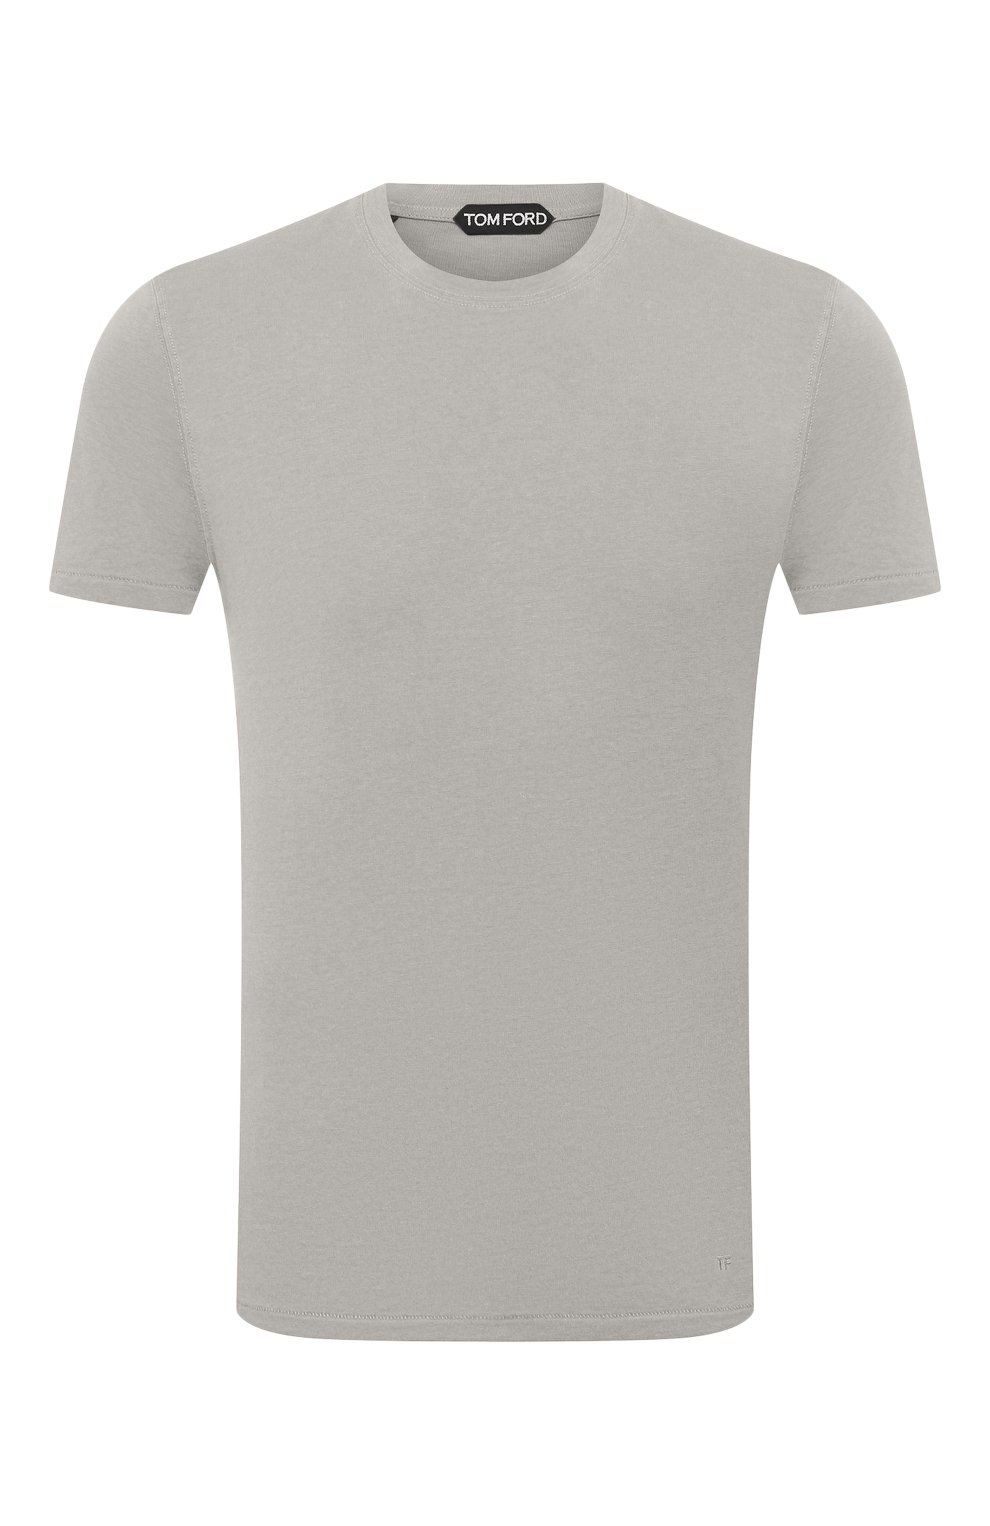 Мужская футболка TOM FORD светло-серого цвета, арт. BW229/TFJ950 | Фото 1 (Принт: Без принта; Рукава: Короткие; Длина (для топов): Стандартные; Материал внешний: Хлопок, Лиоцелл; Стили: Кэжуэл)